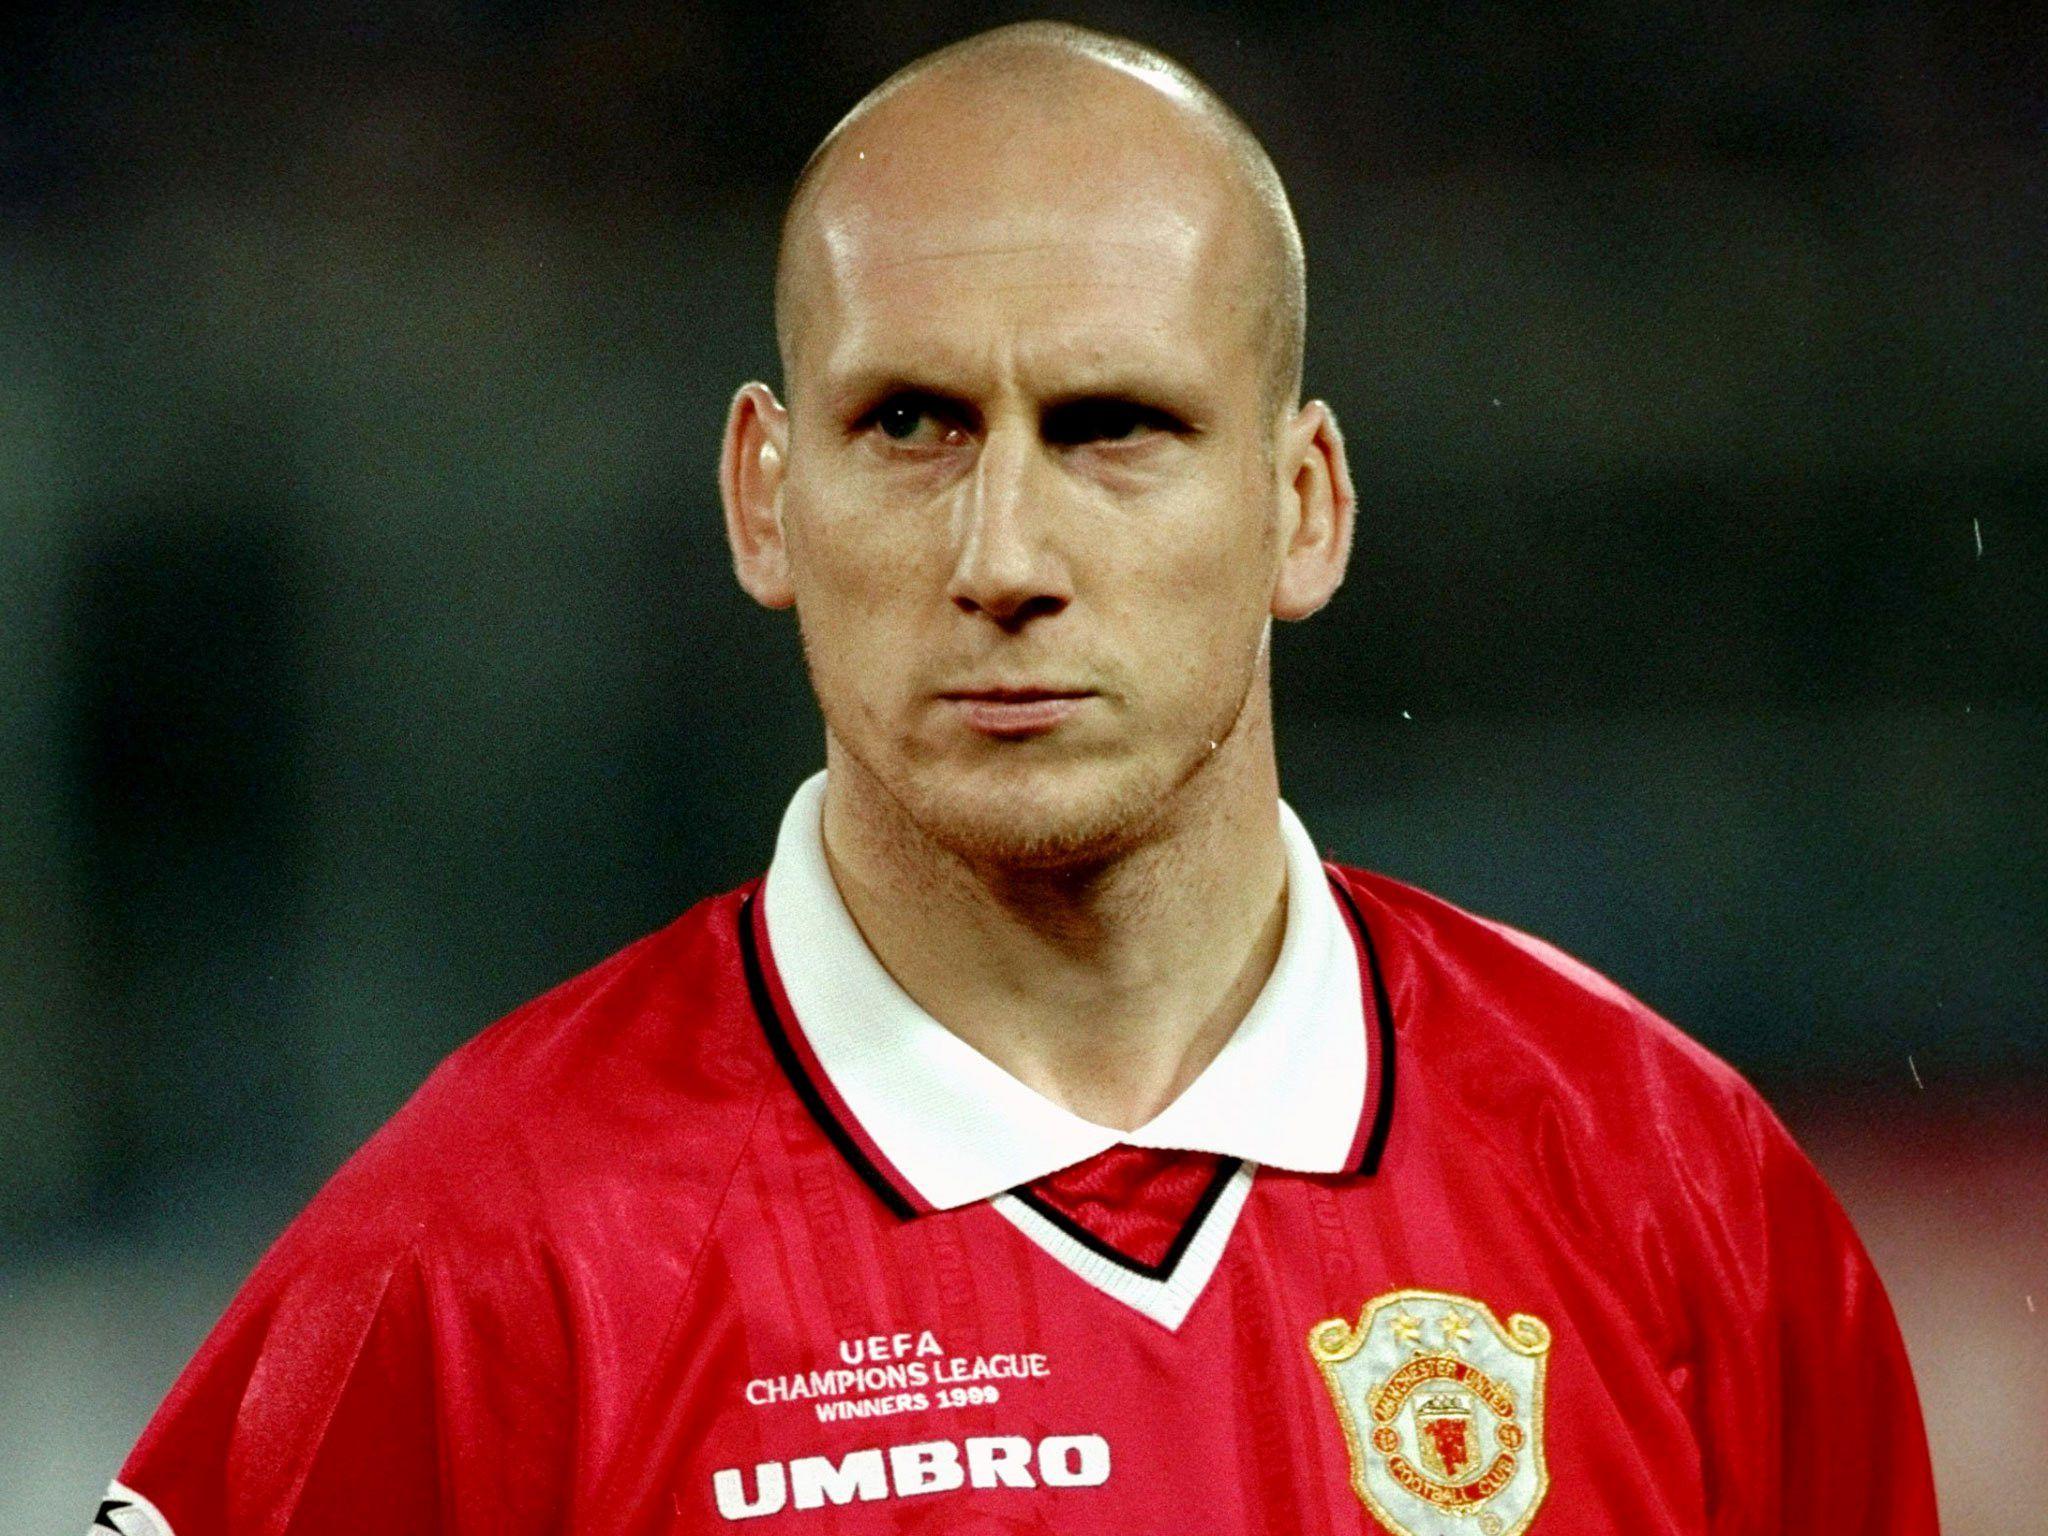 Cái tôi sẽ khiến Pogba bị tống khứ như Beckham, Van Nistelrooy? Ảnh 2